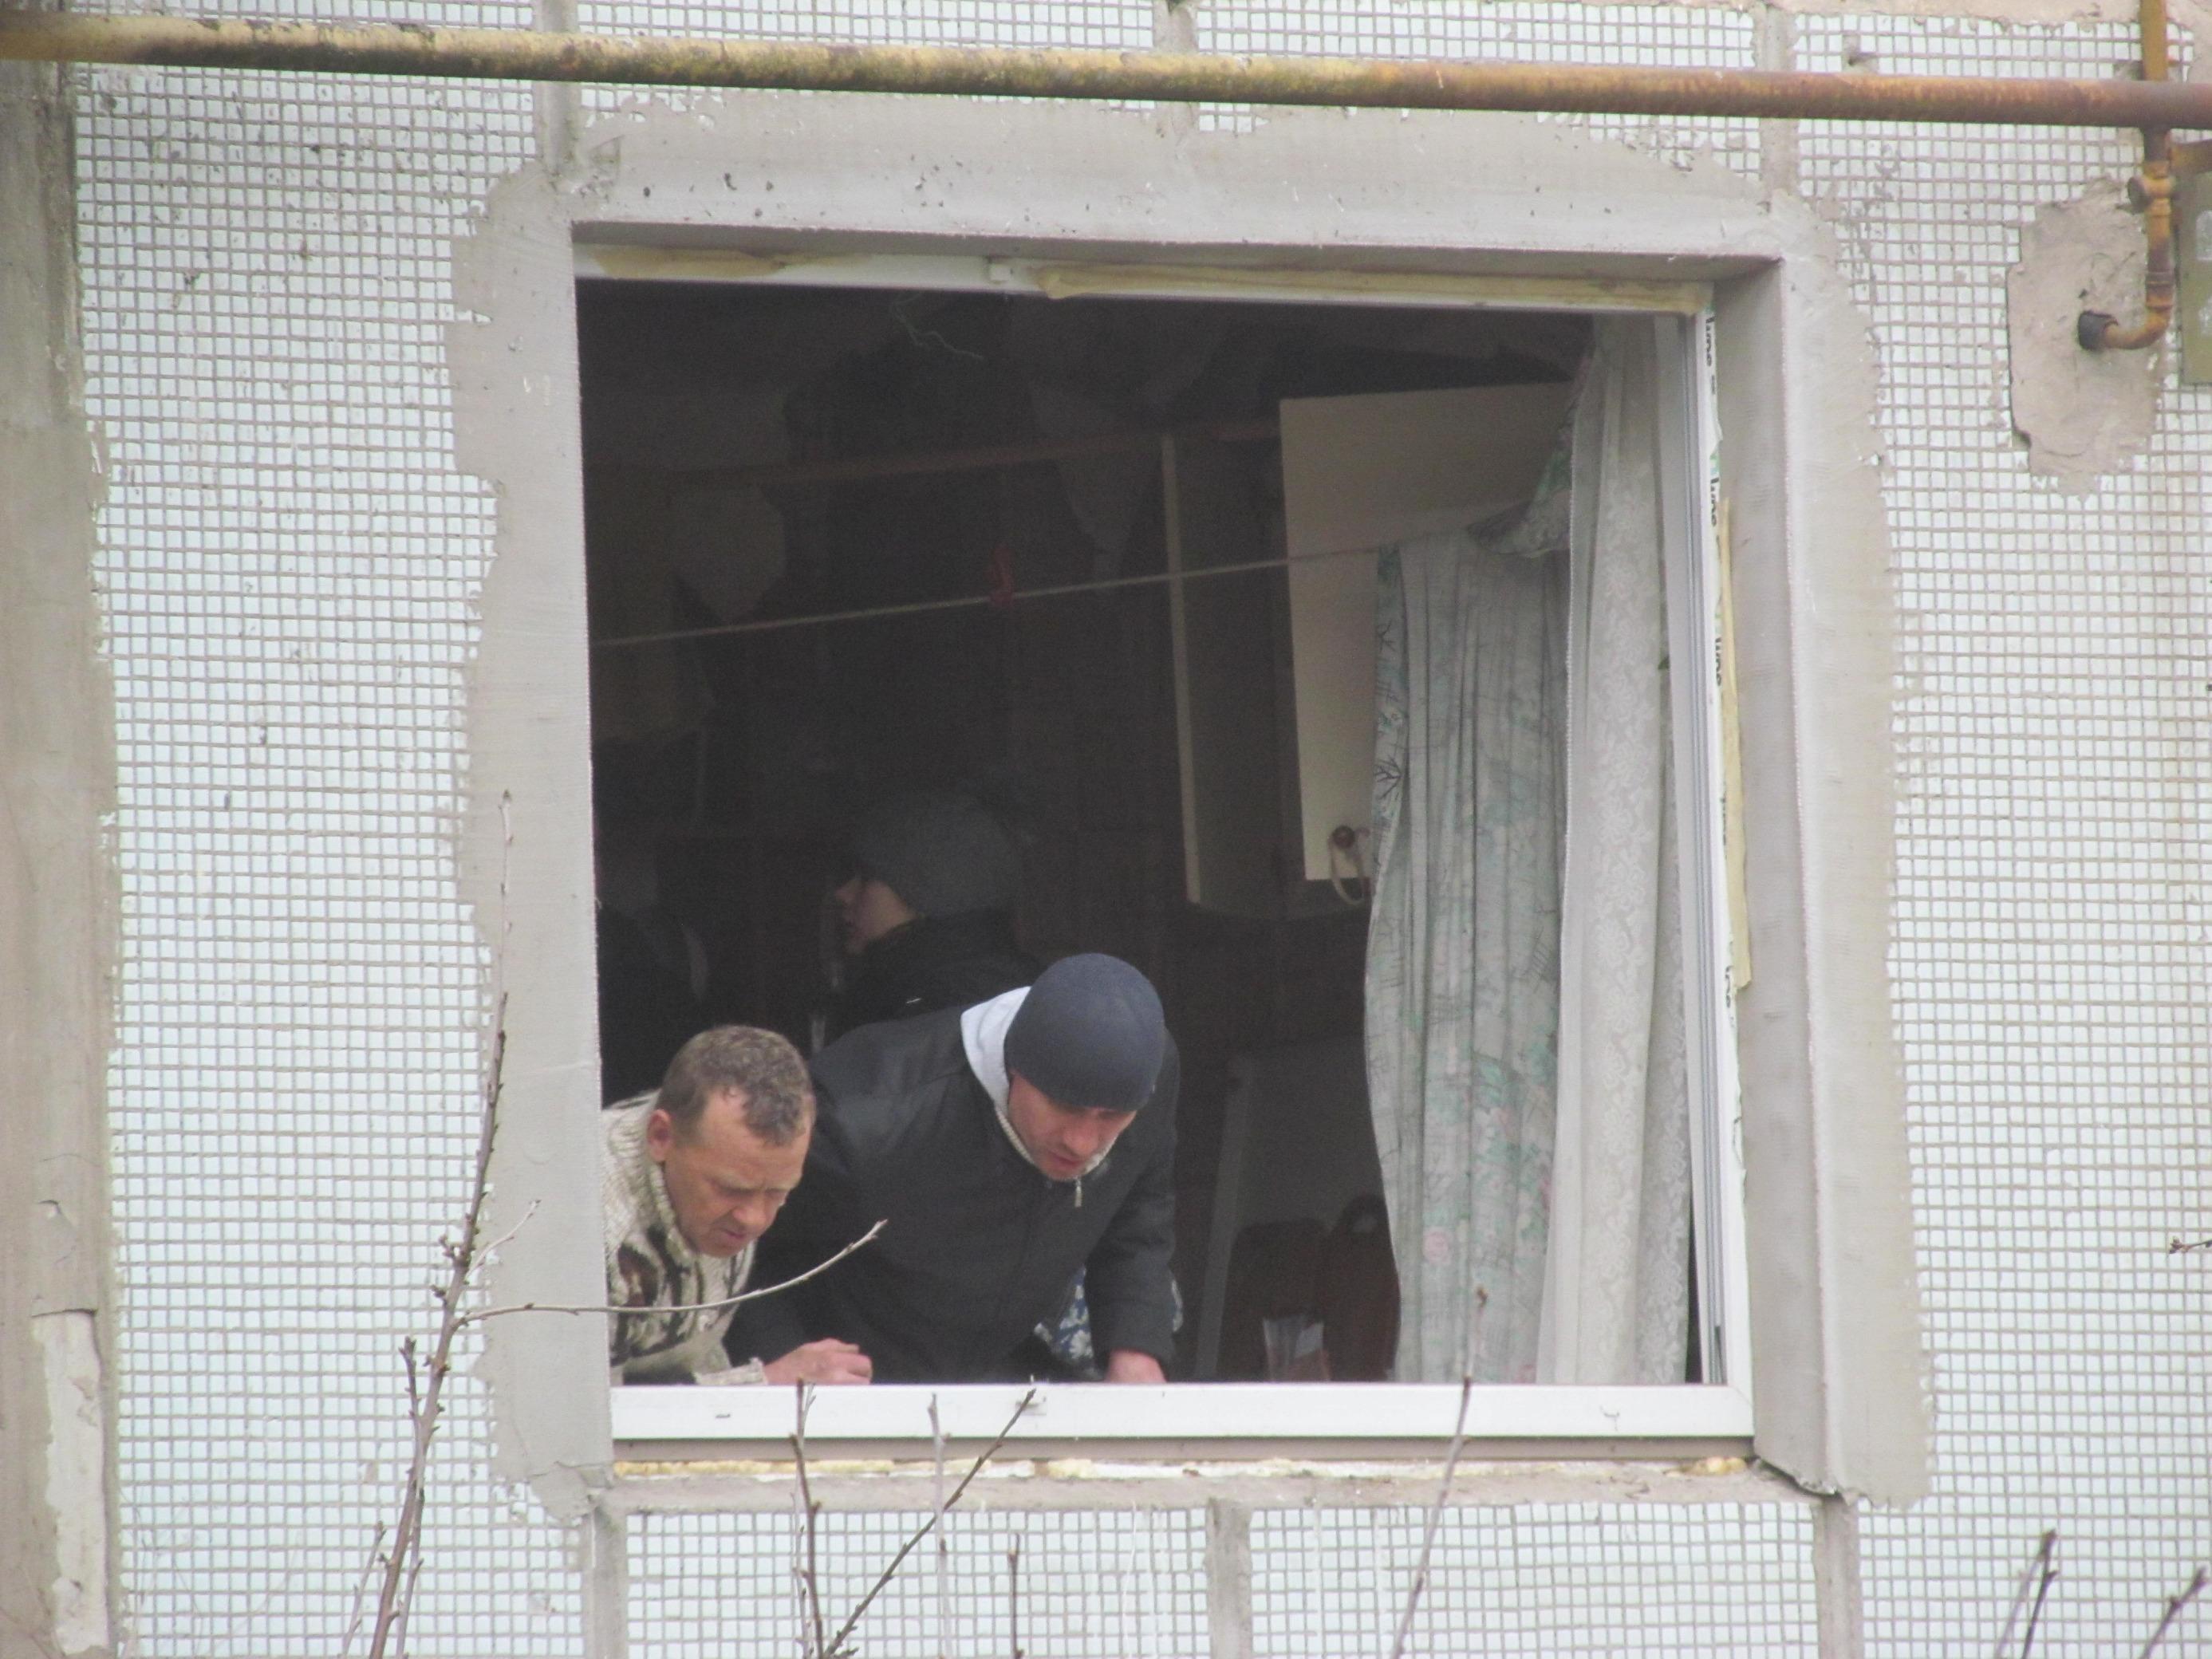 Стало известно, сколько зданий повредило взрывами в Балаклее (ФОТО)